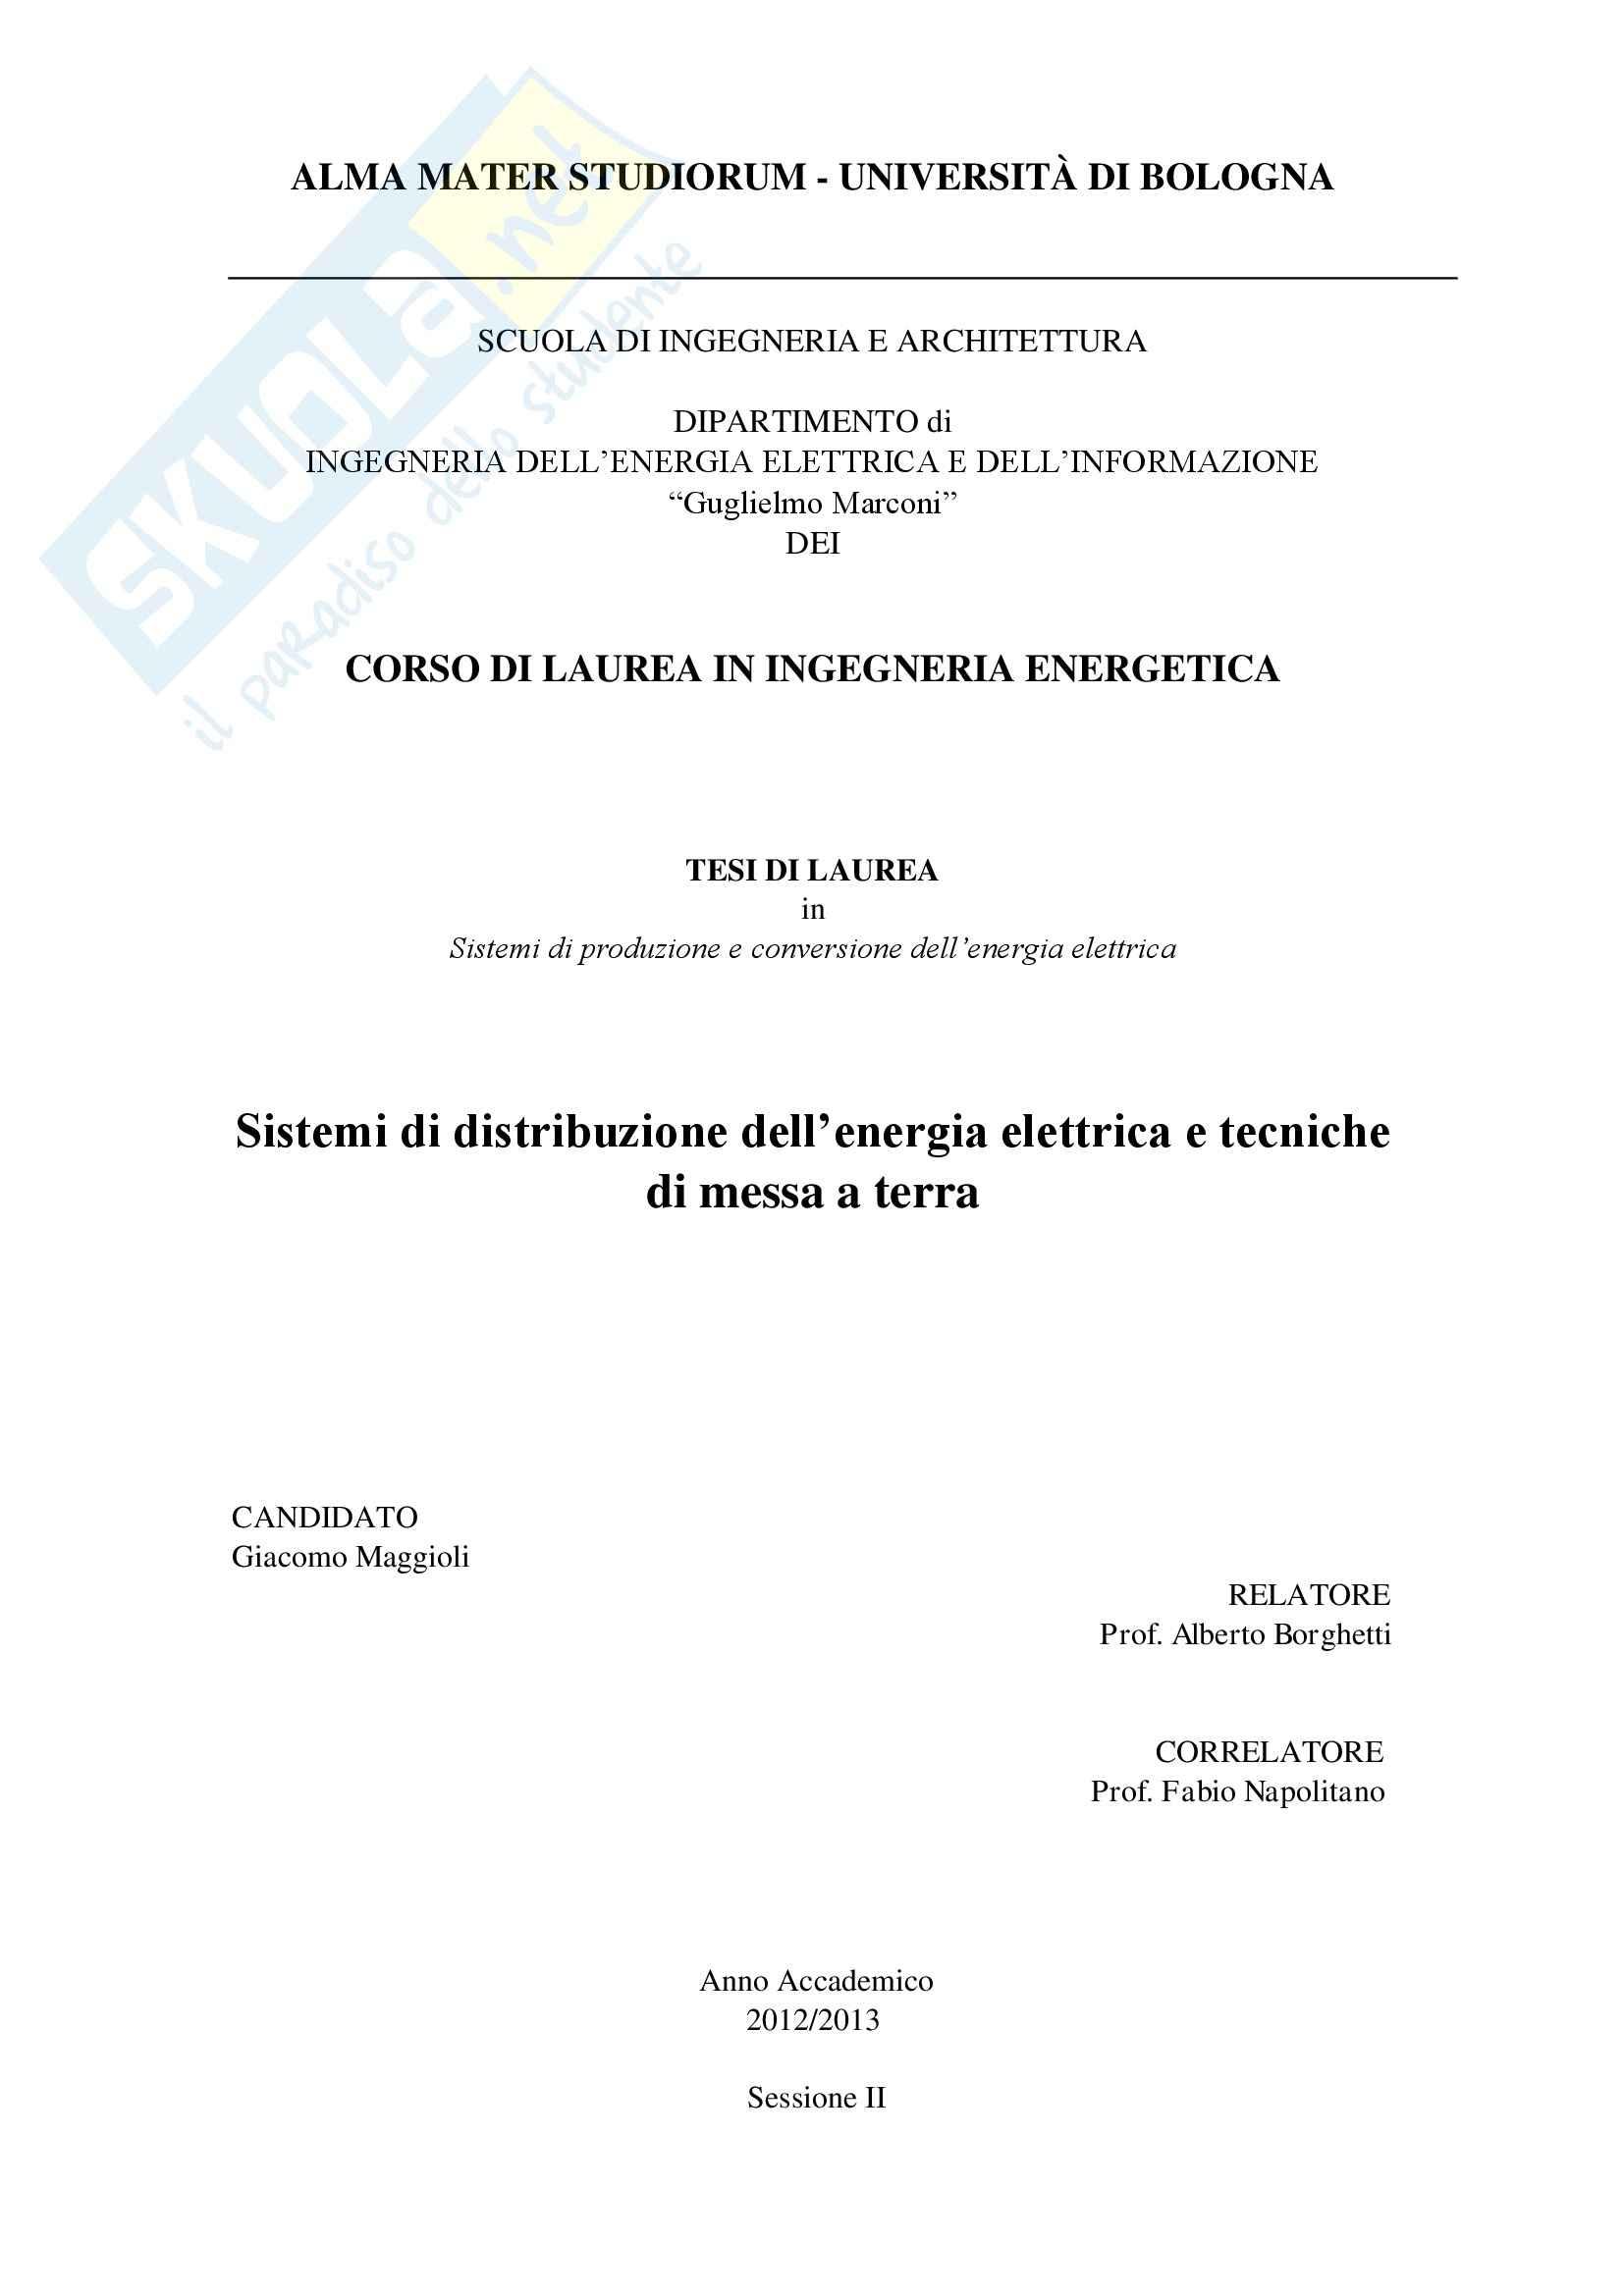 Tesi - Sistemi di distribuzione dell'energia elettrica e tecniche di messa a terra